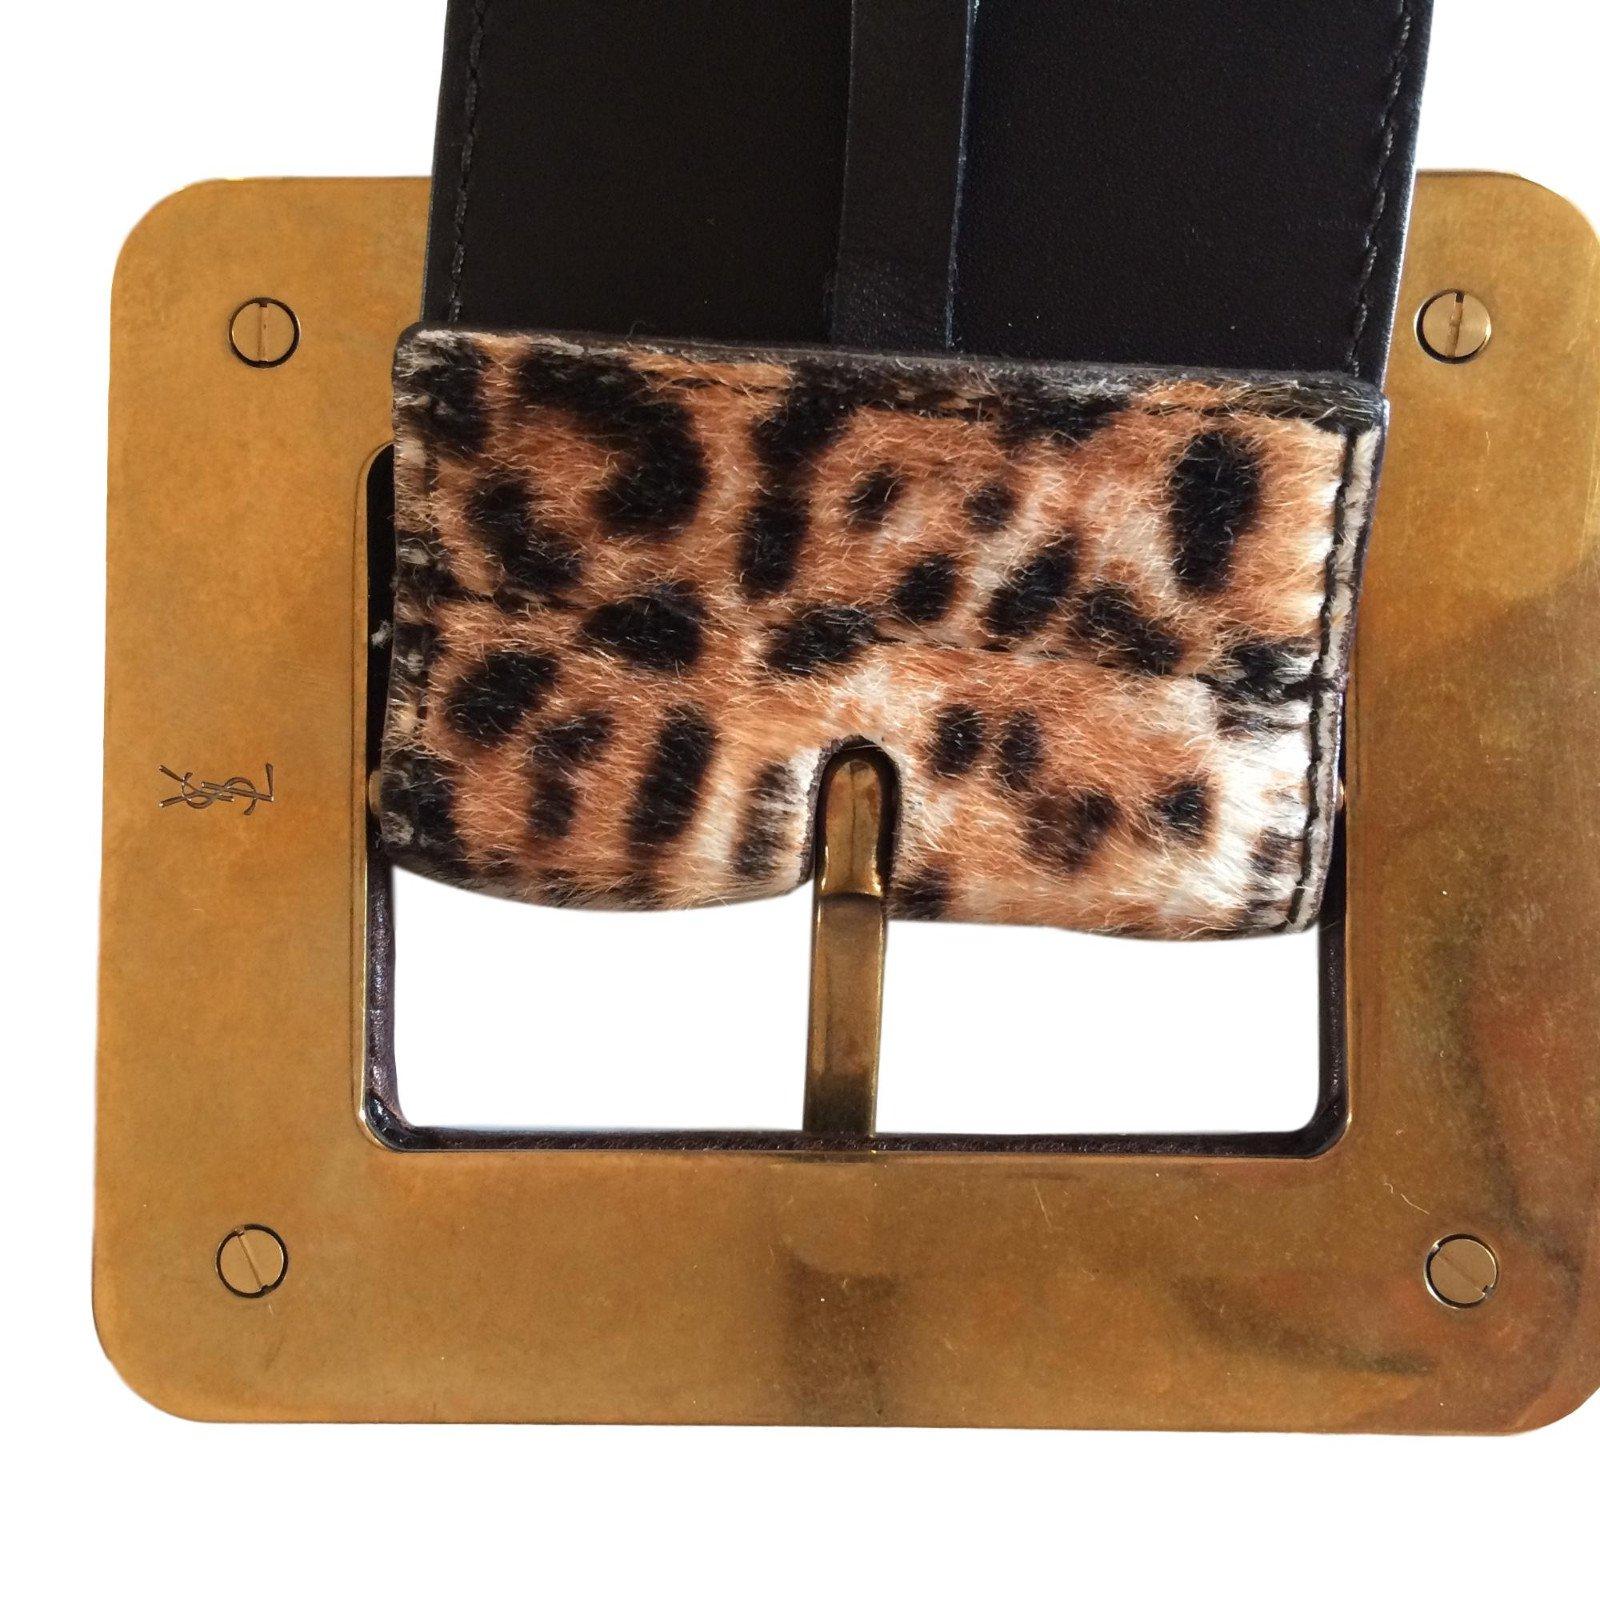 6ce7a8e022c1 Ceintures Yves Saint Laurent Ceinture YSL imprimée léopard Cuir Imprimé  léopard ref.47959 - Joli Closet